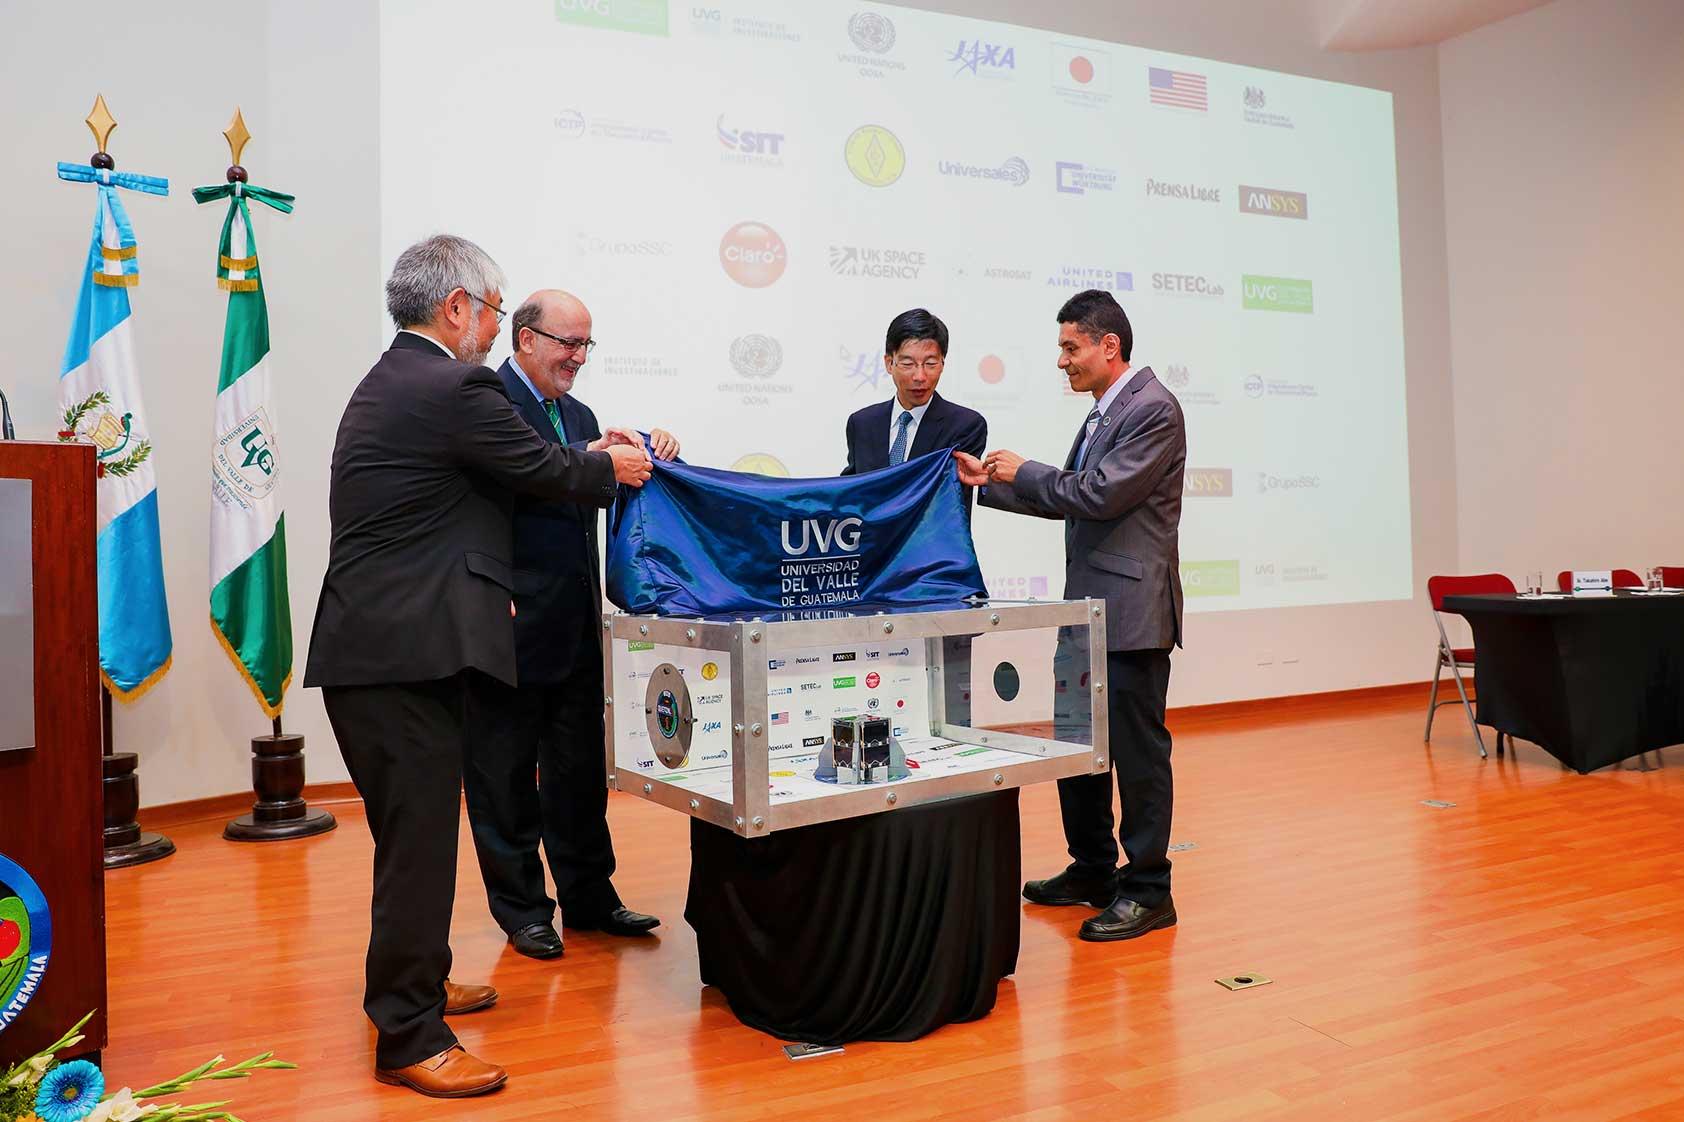 Develación del satélite por autoridades de UVG, Embajada de Jaón y JAXA